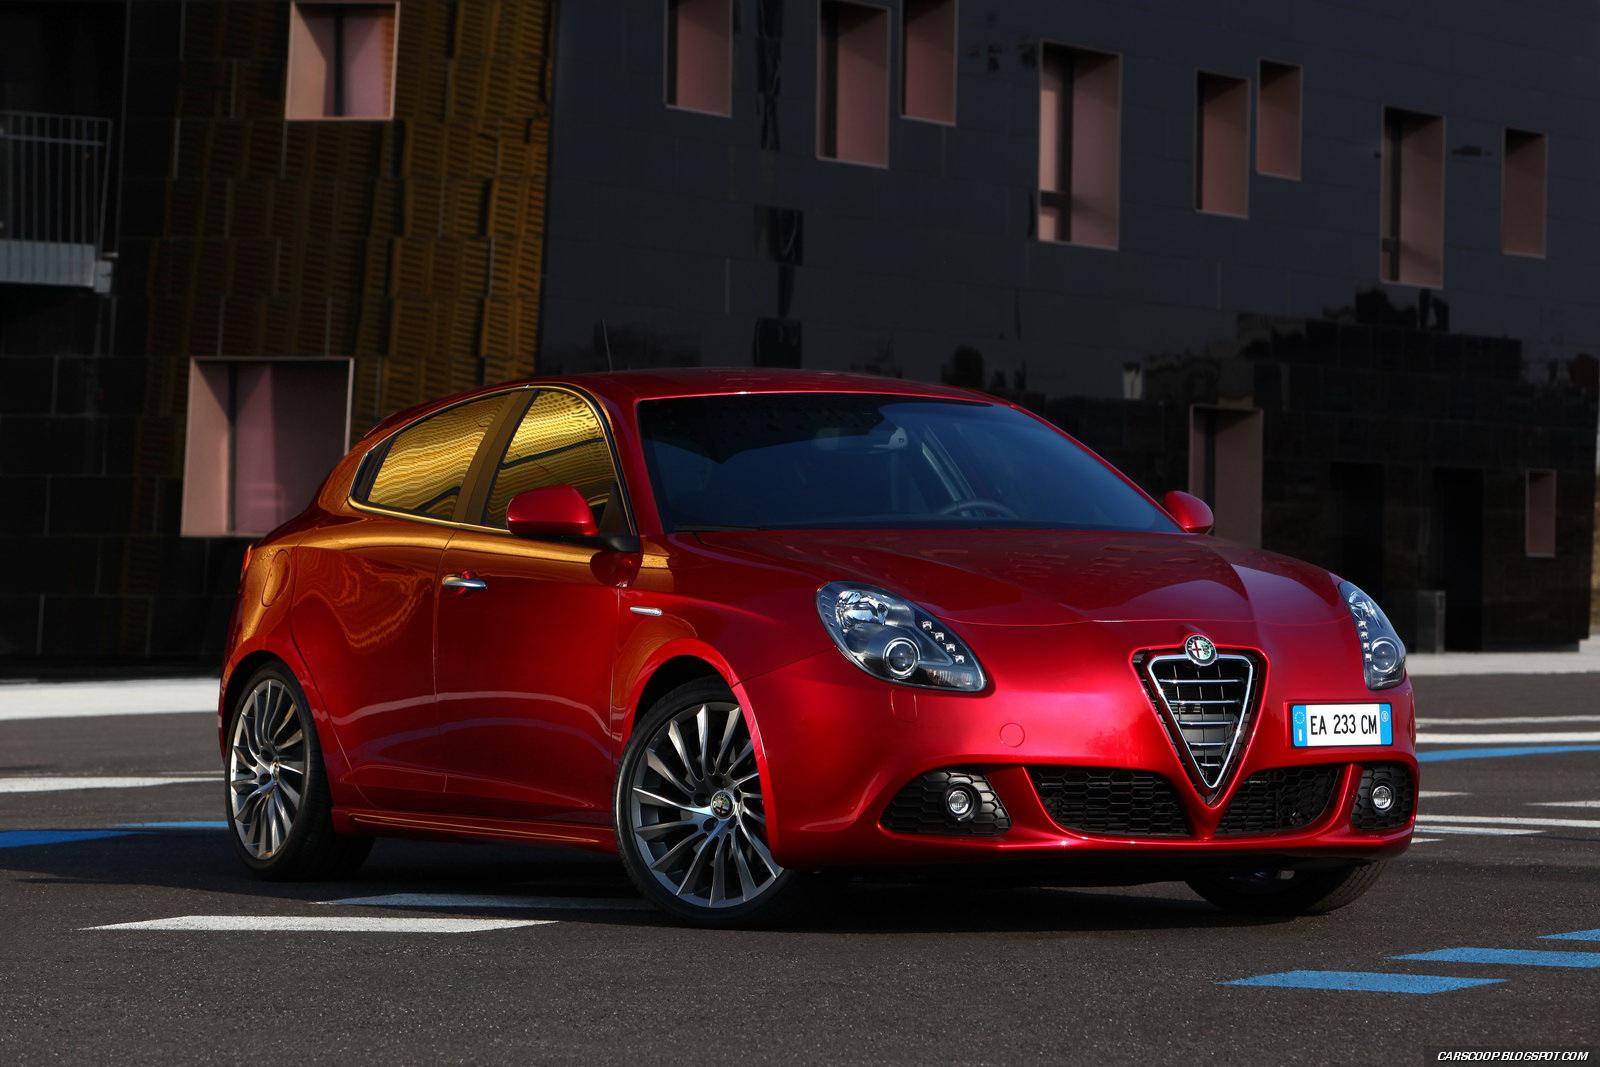 http://4.bp.blogspot.com/_FoXyvaPSnVk/S8TcdQyUKYI/AAAAAAACvHU/CTToCKIMkXU/s1600/Alfa-Romeo-Giulietta-116.JPG